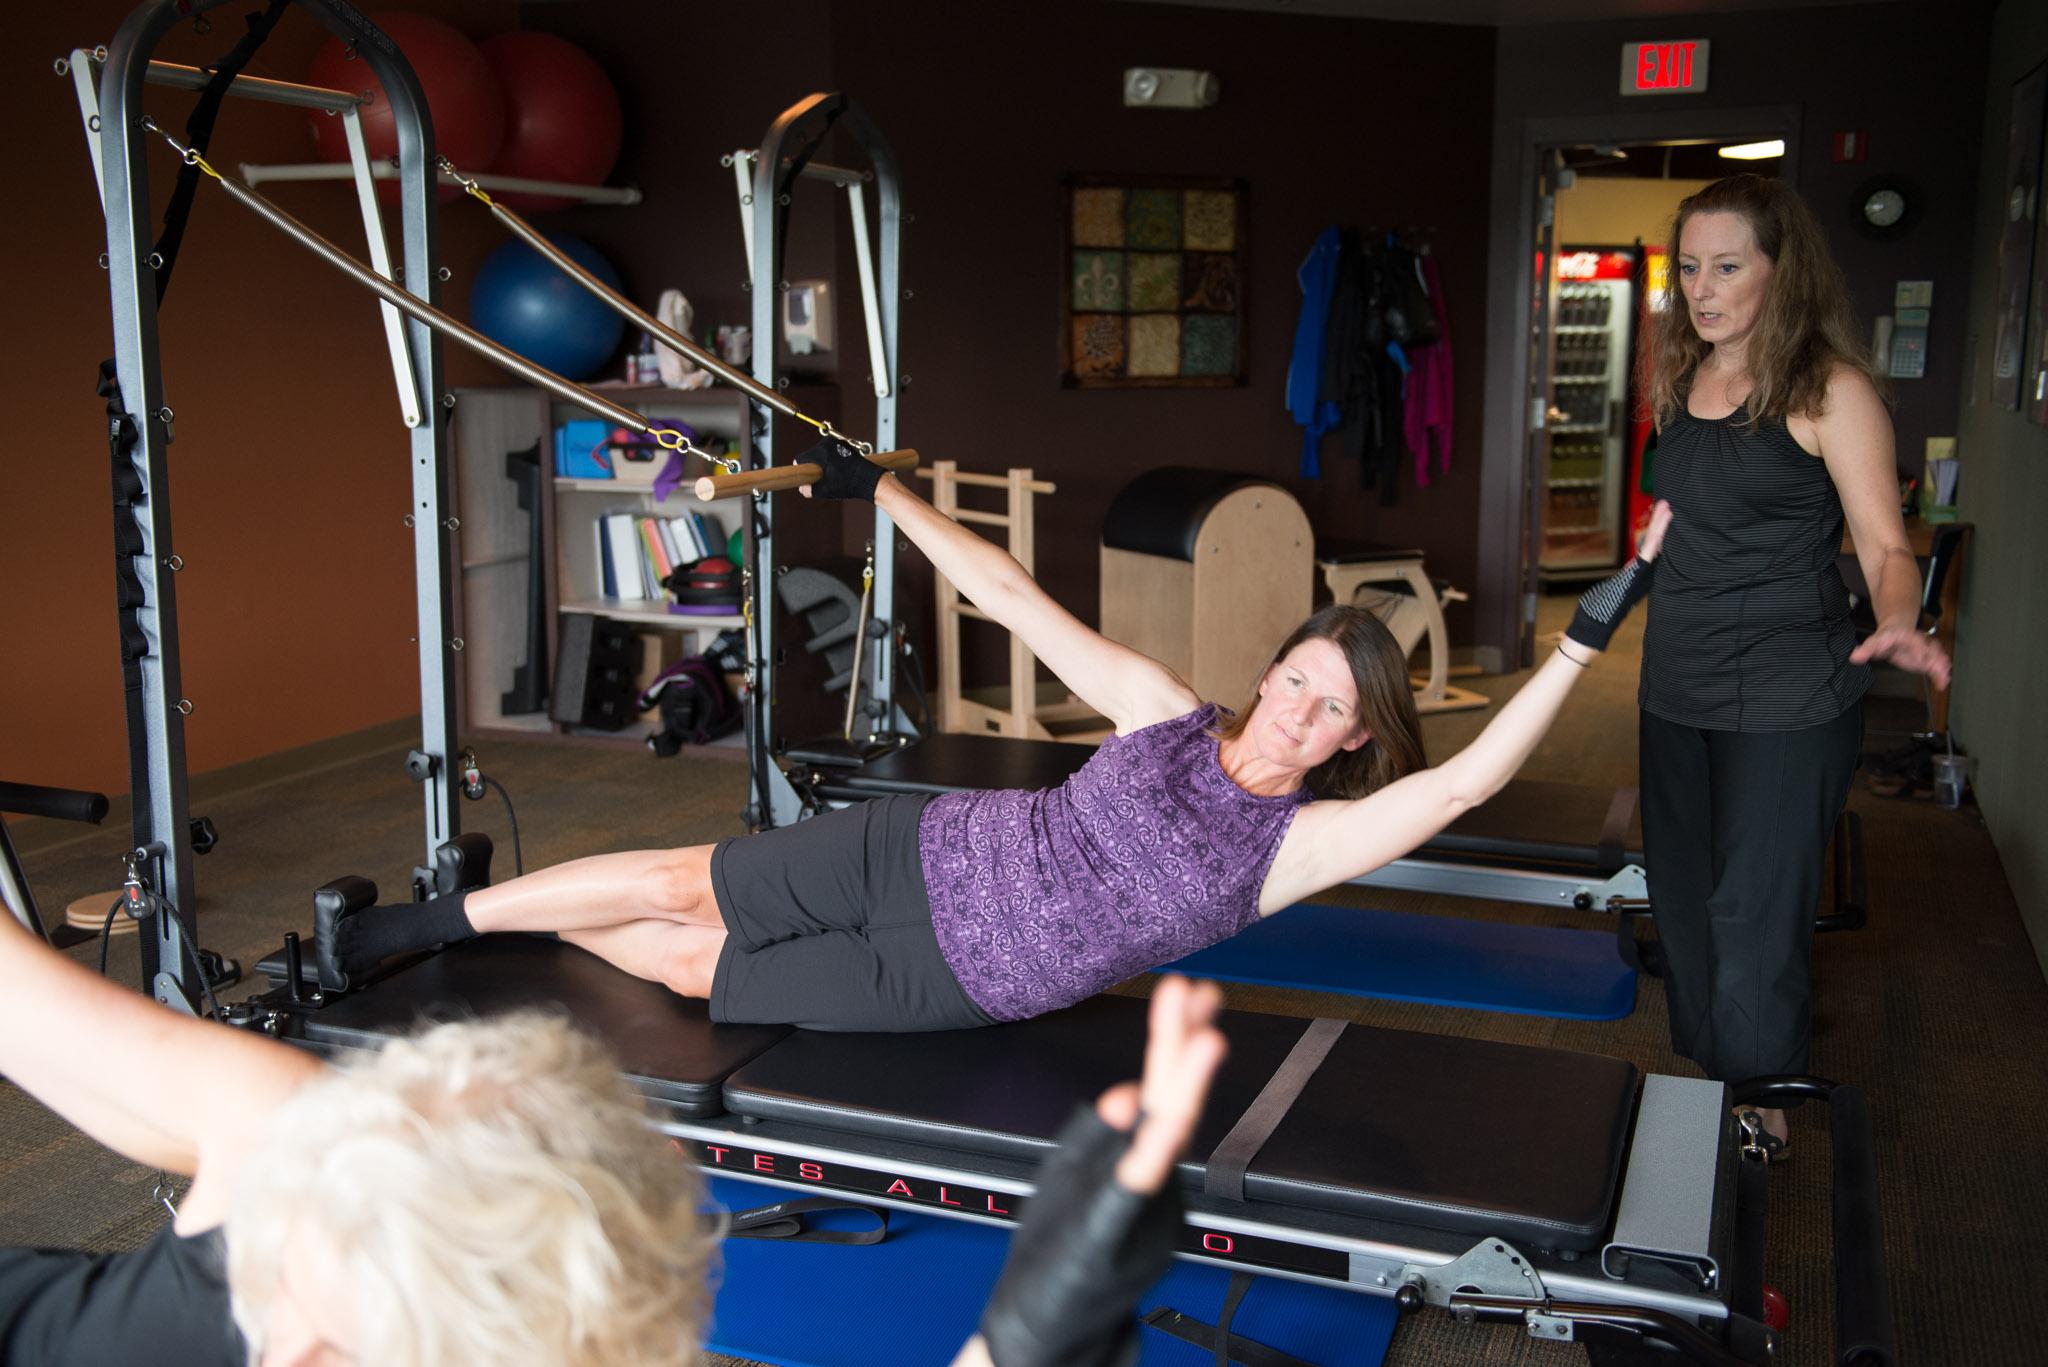 Wellness Center Stock Photos-1444.jpg